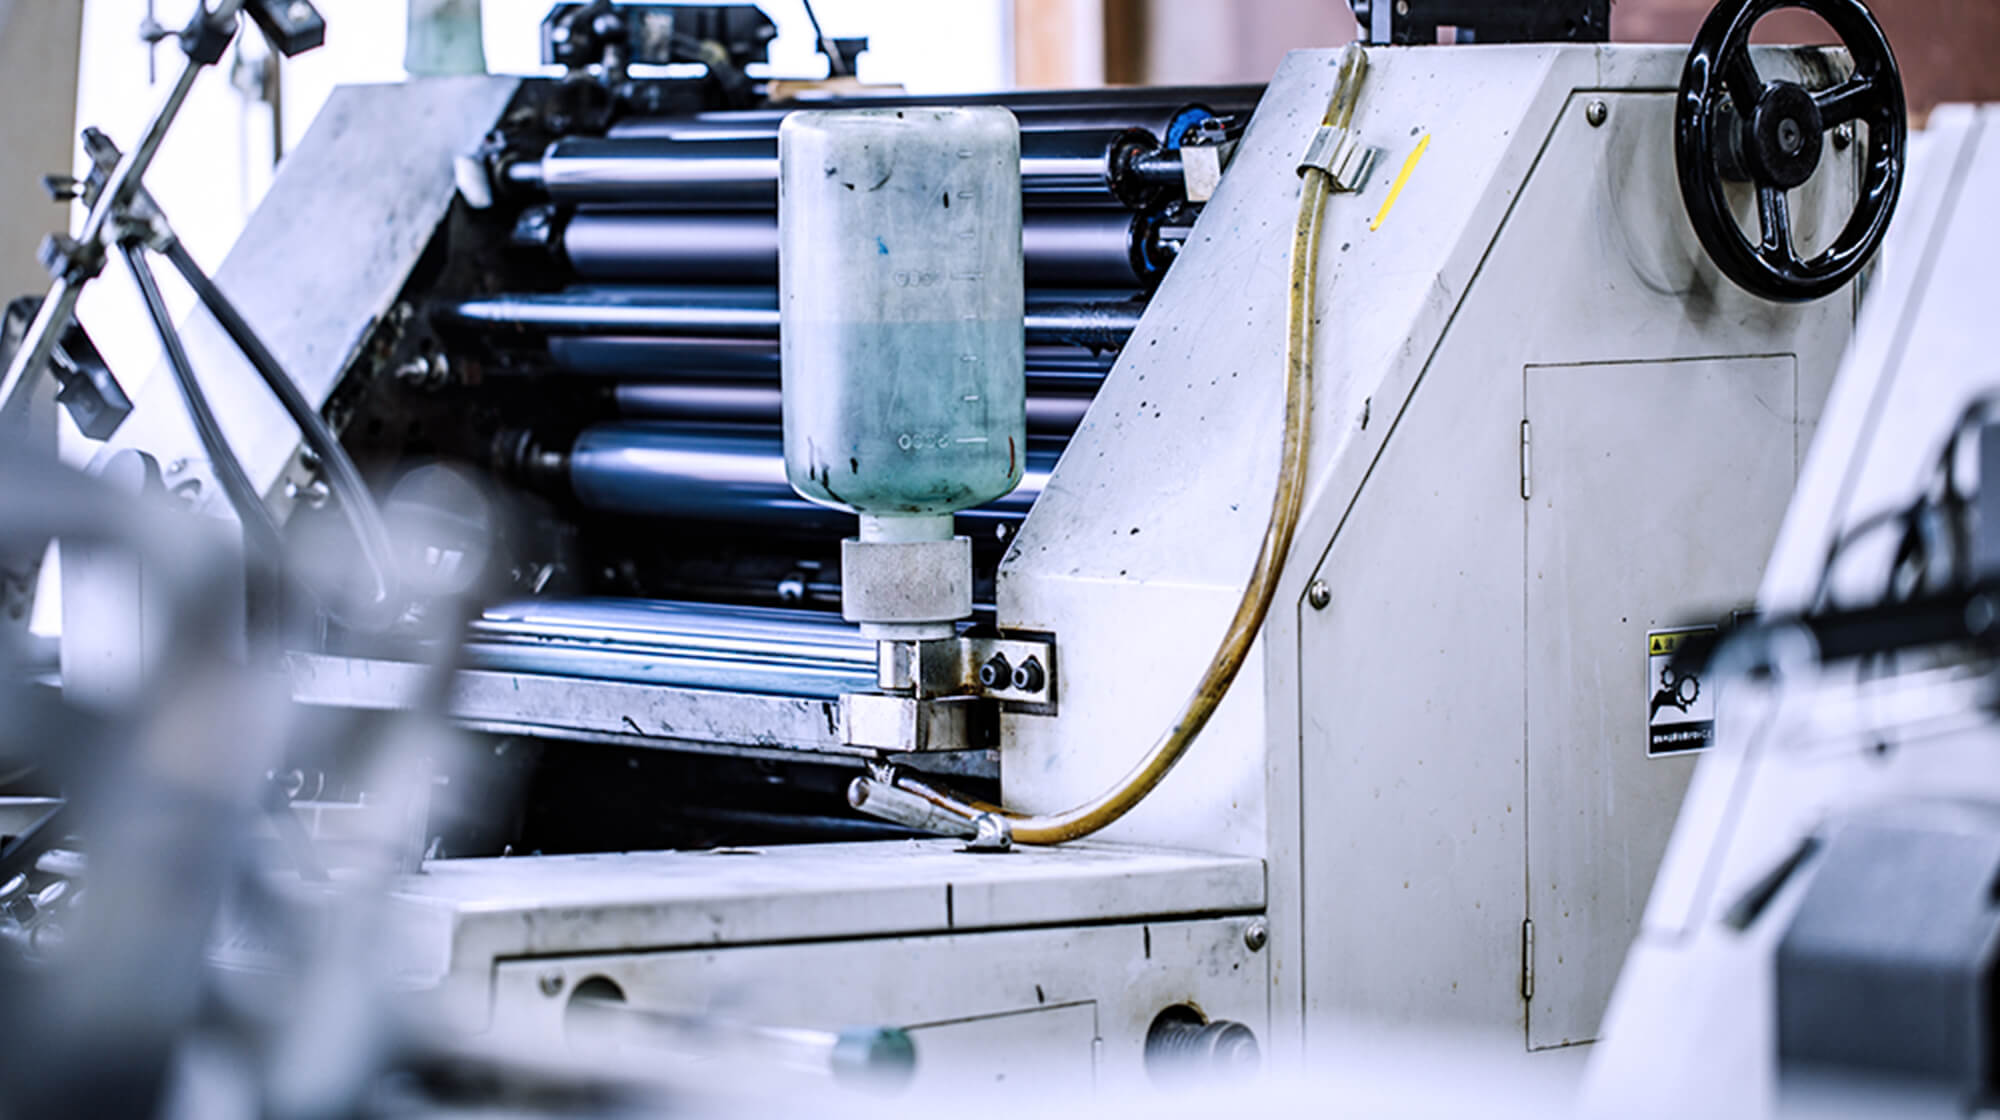 単式伝票・複式伝票・日報・ビジネスフォーム等の画像